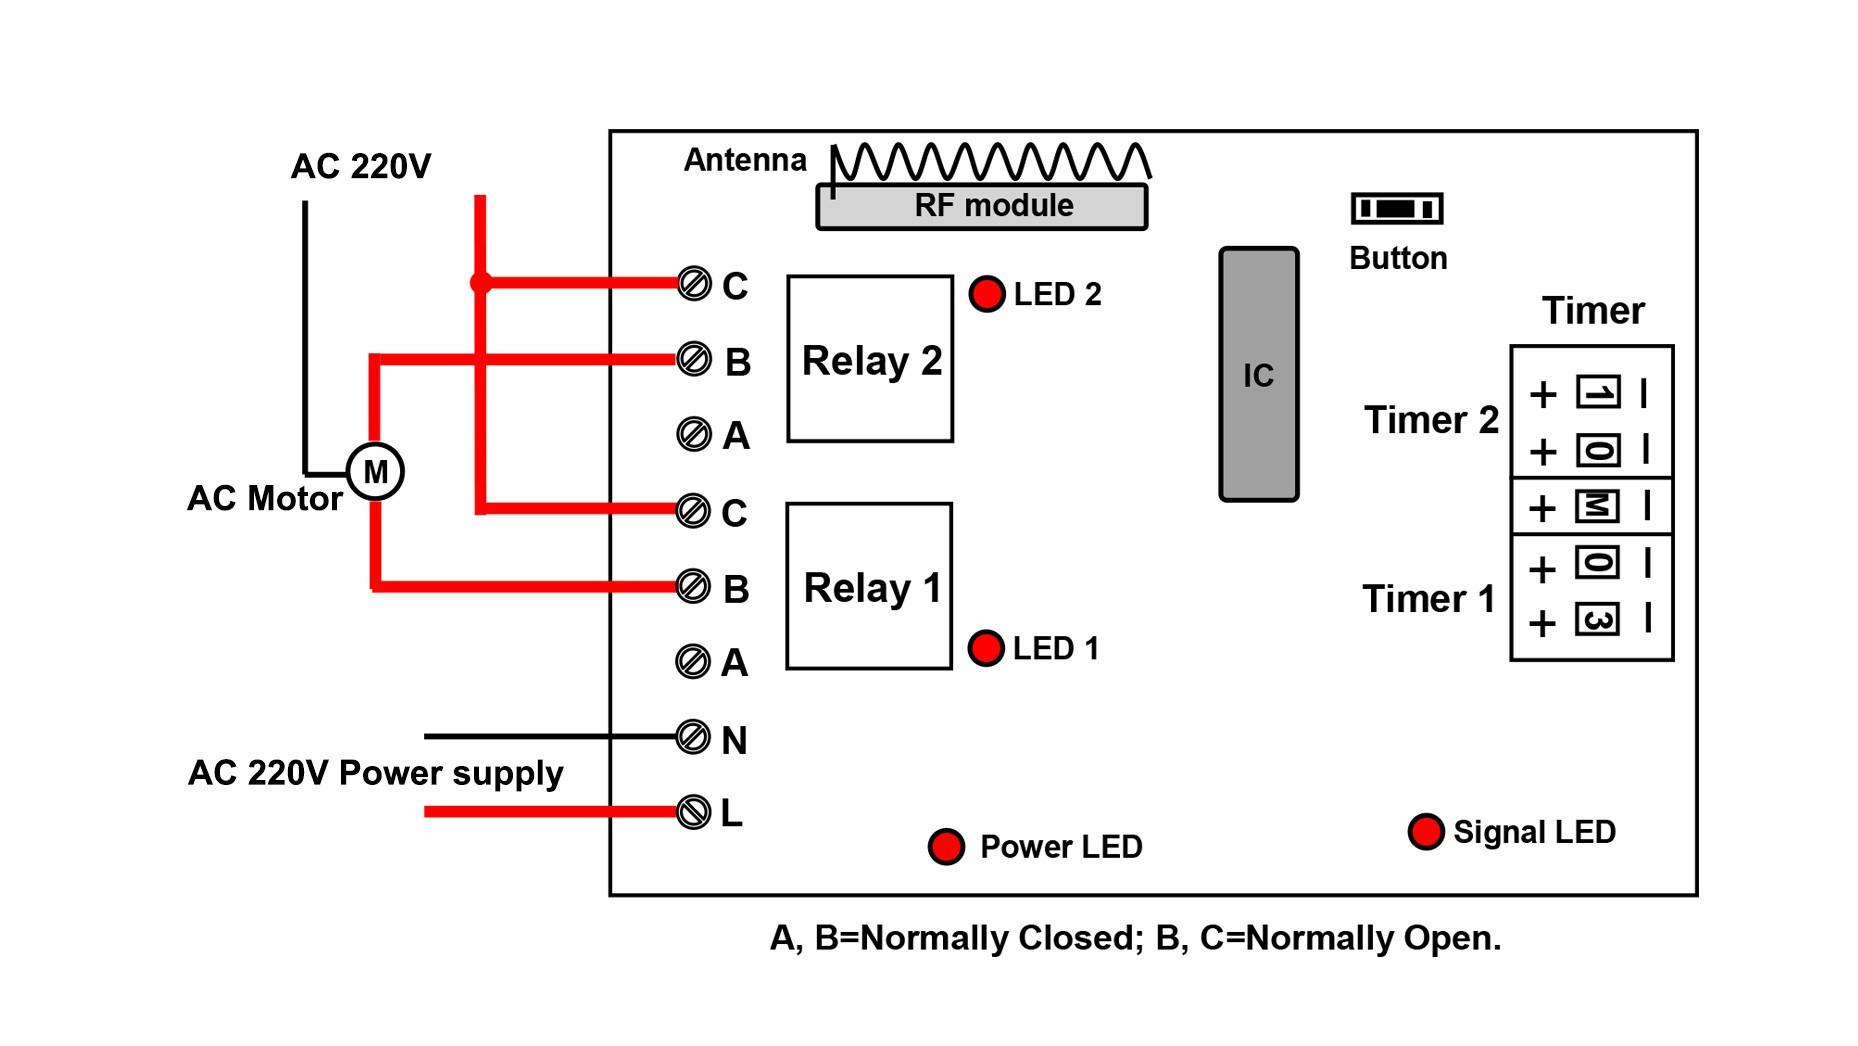 Pool Heat Pump Wiring Diagram Simple Pool Heat Pump Wiring Diagram - Pool Pump Wiring Diagram